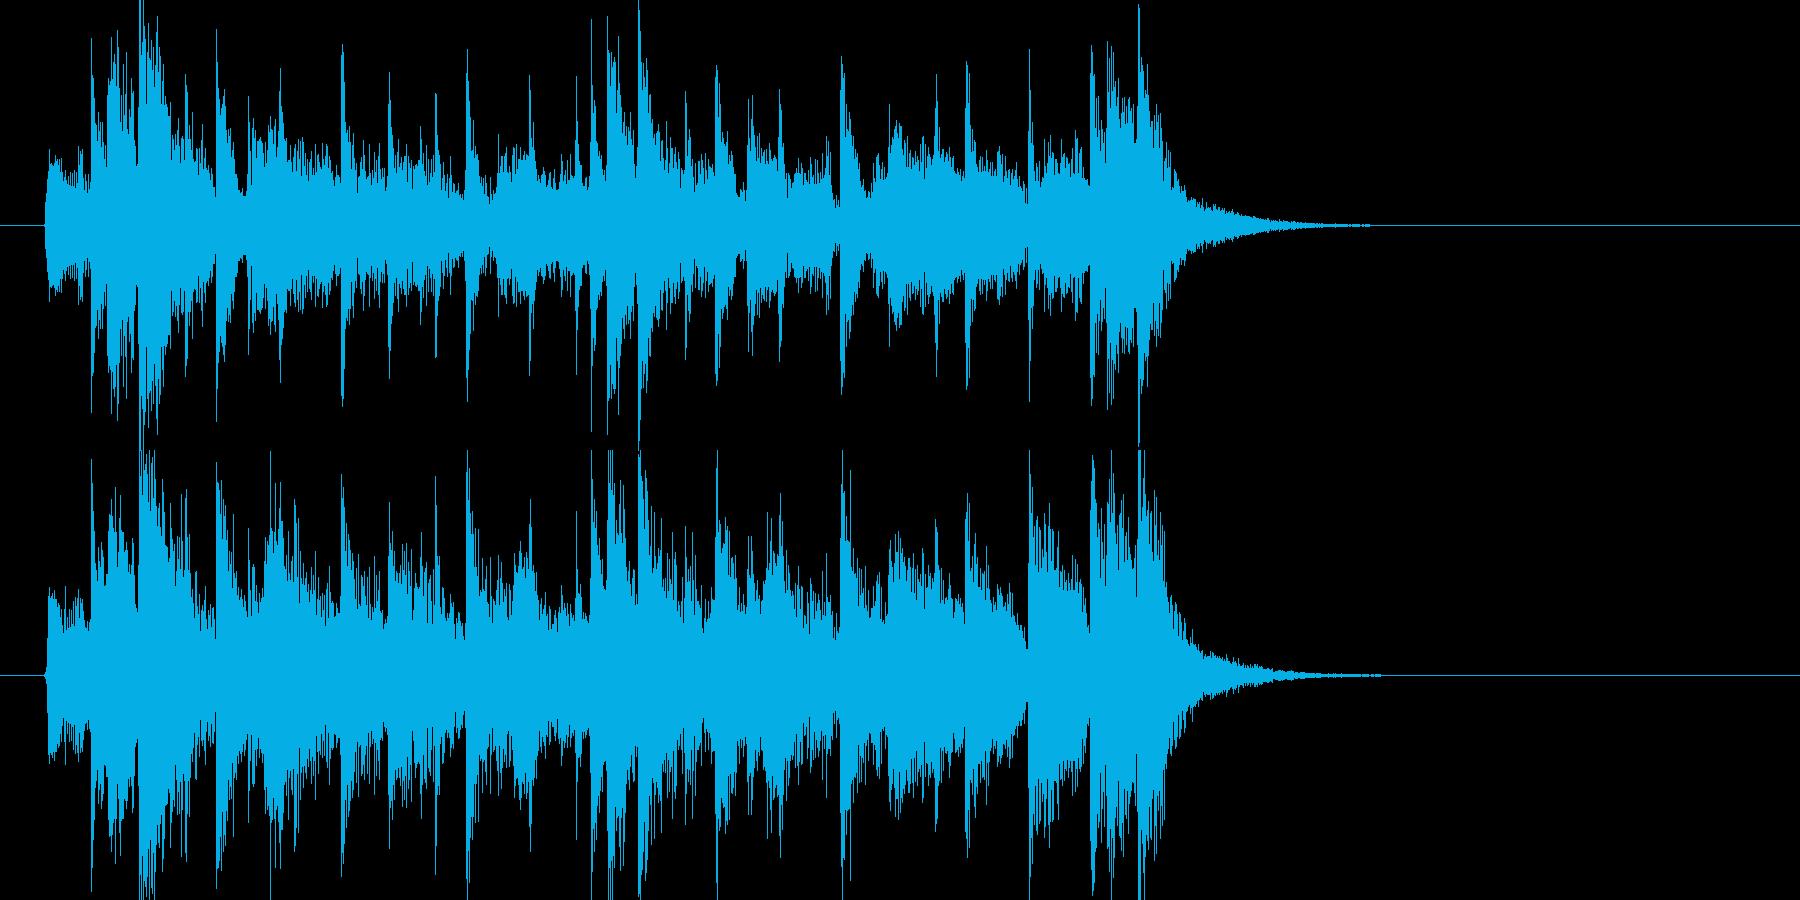 何かを追跡するような軽快なジングルの再生済みの波形